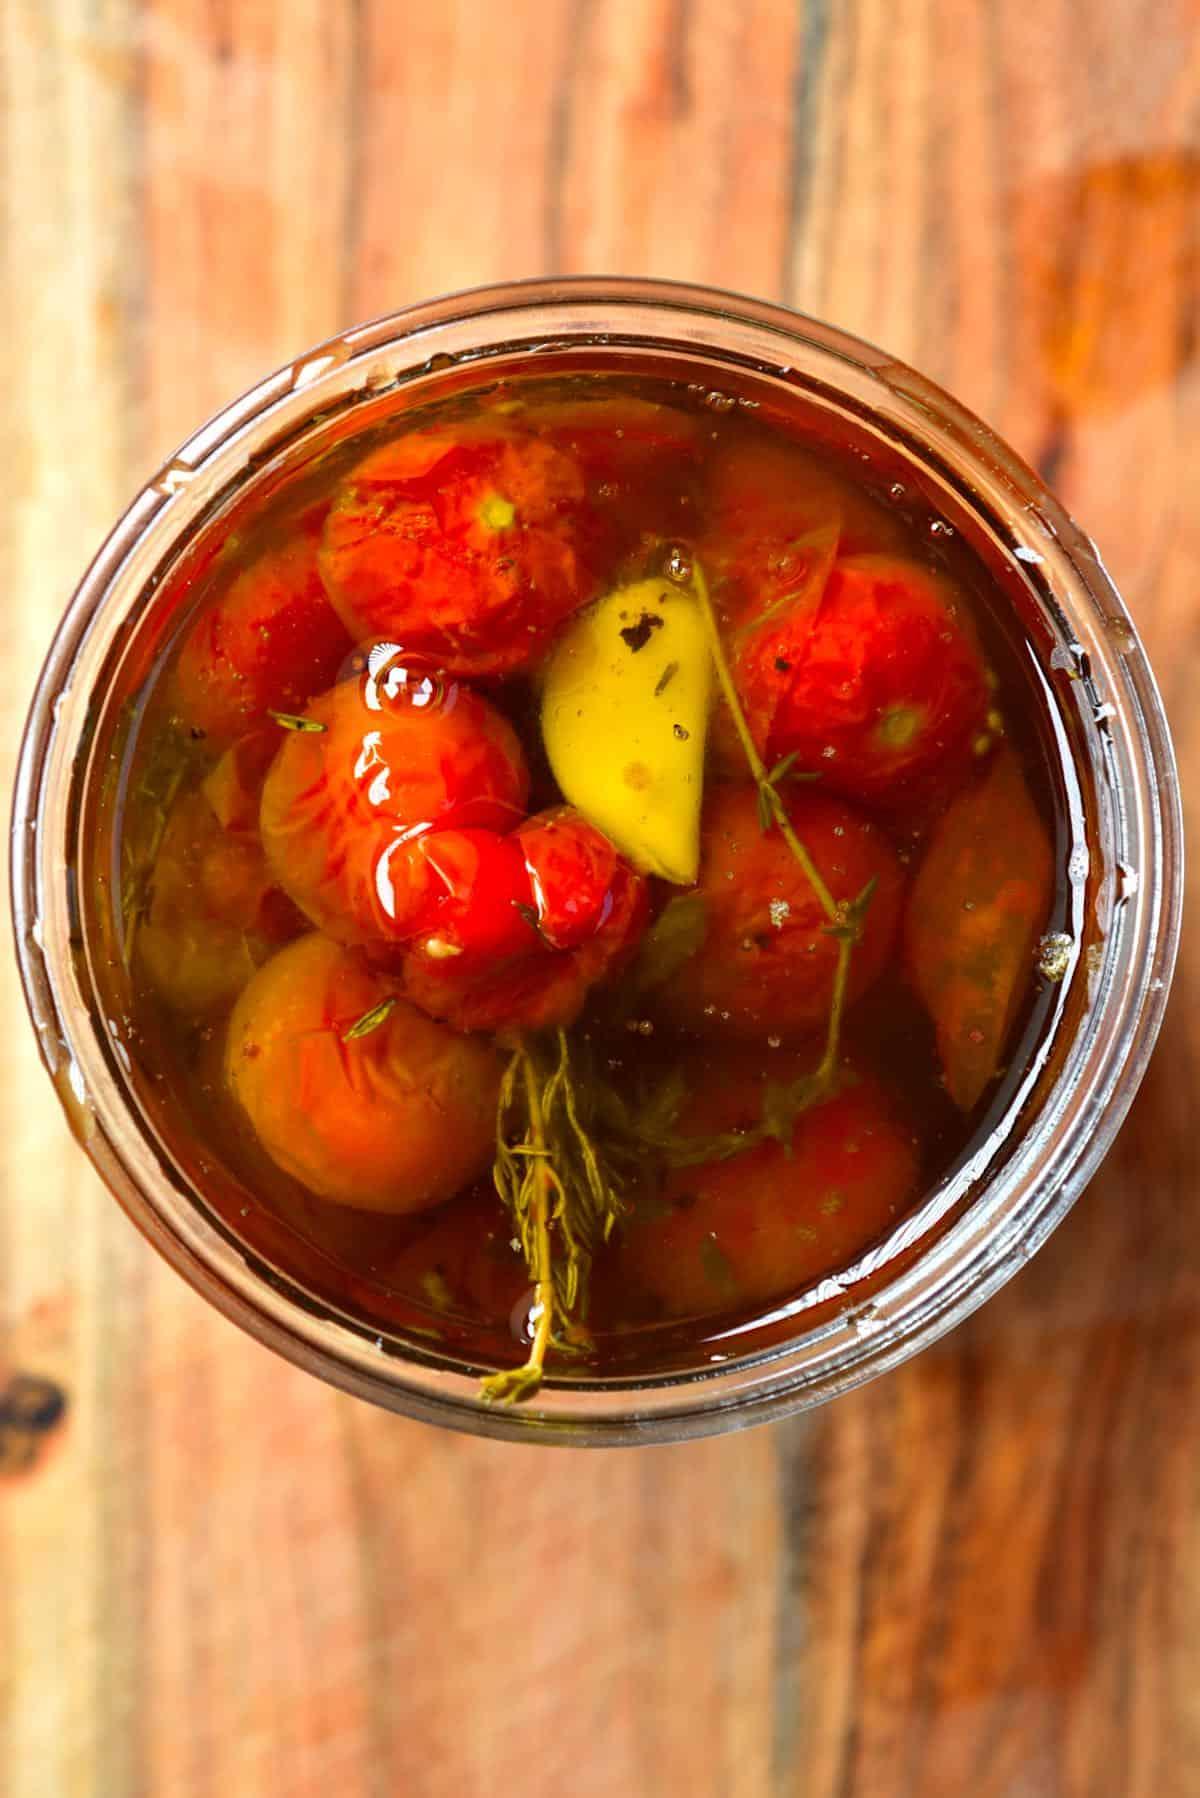 Tomato confit in a jar